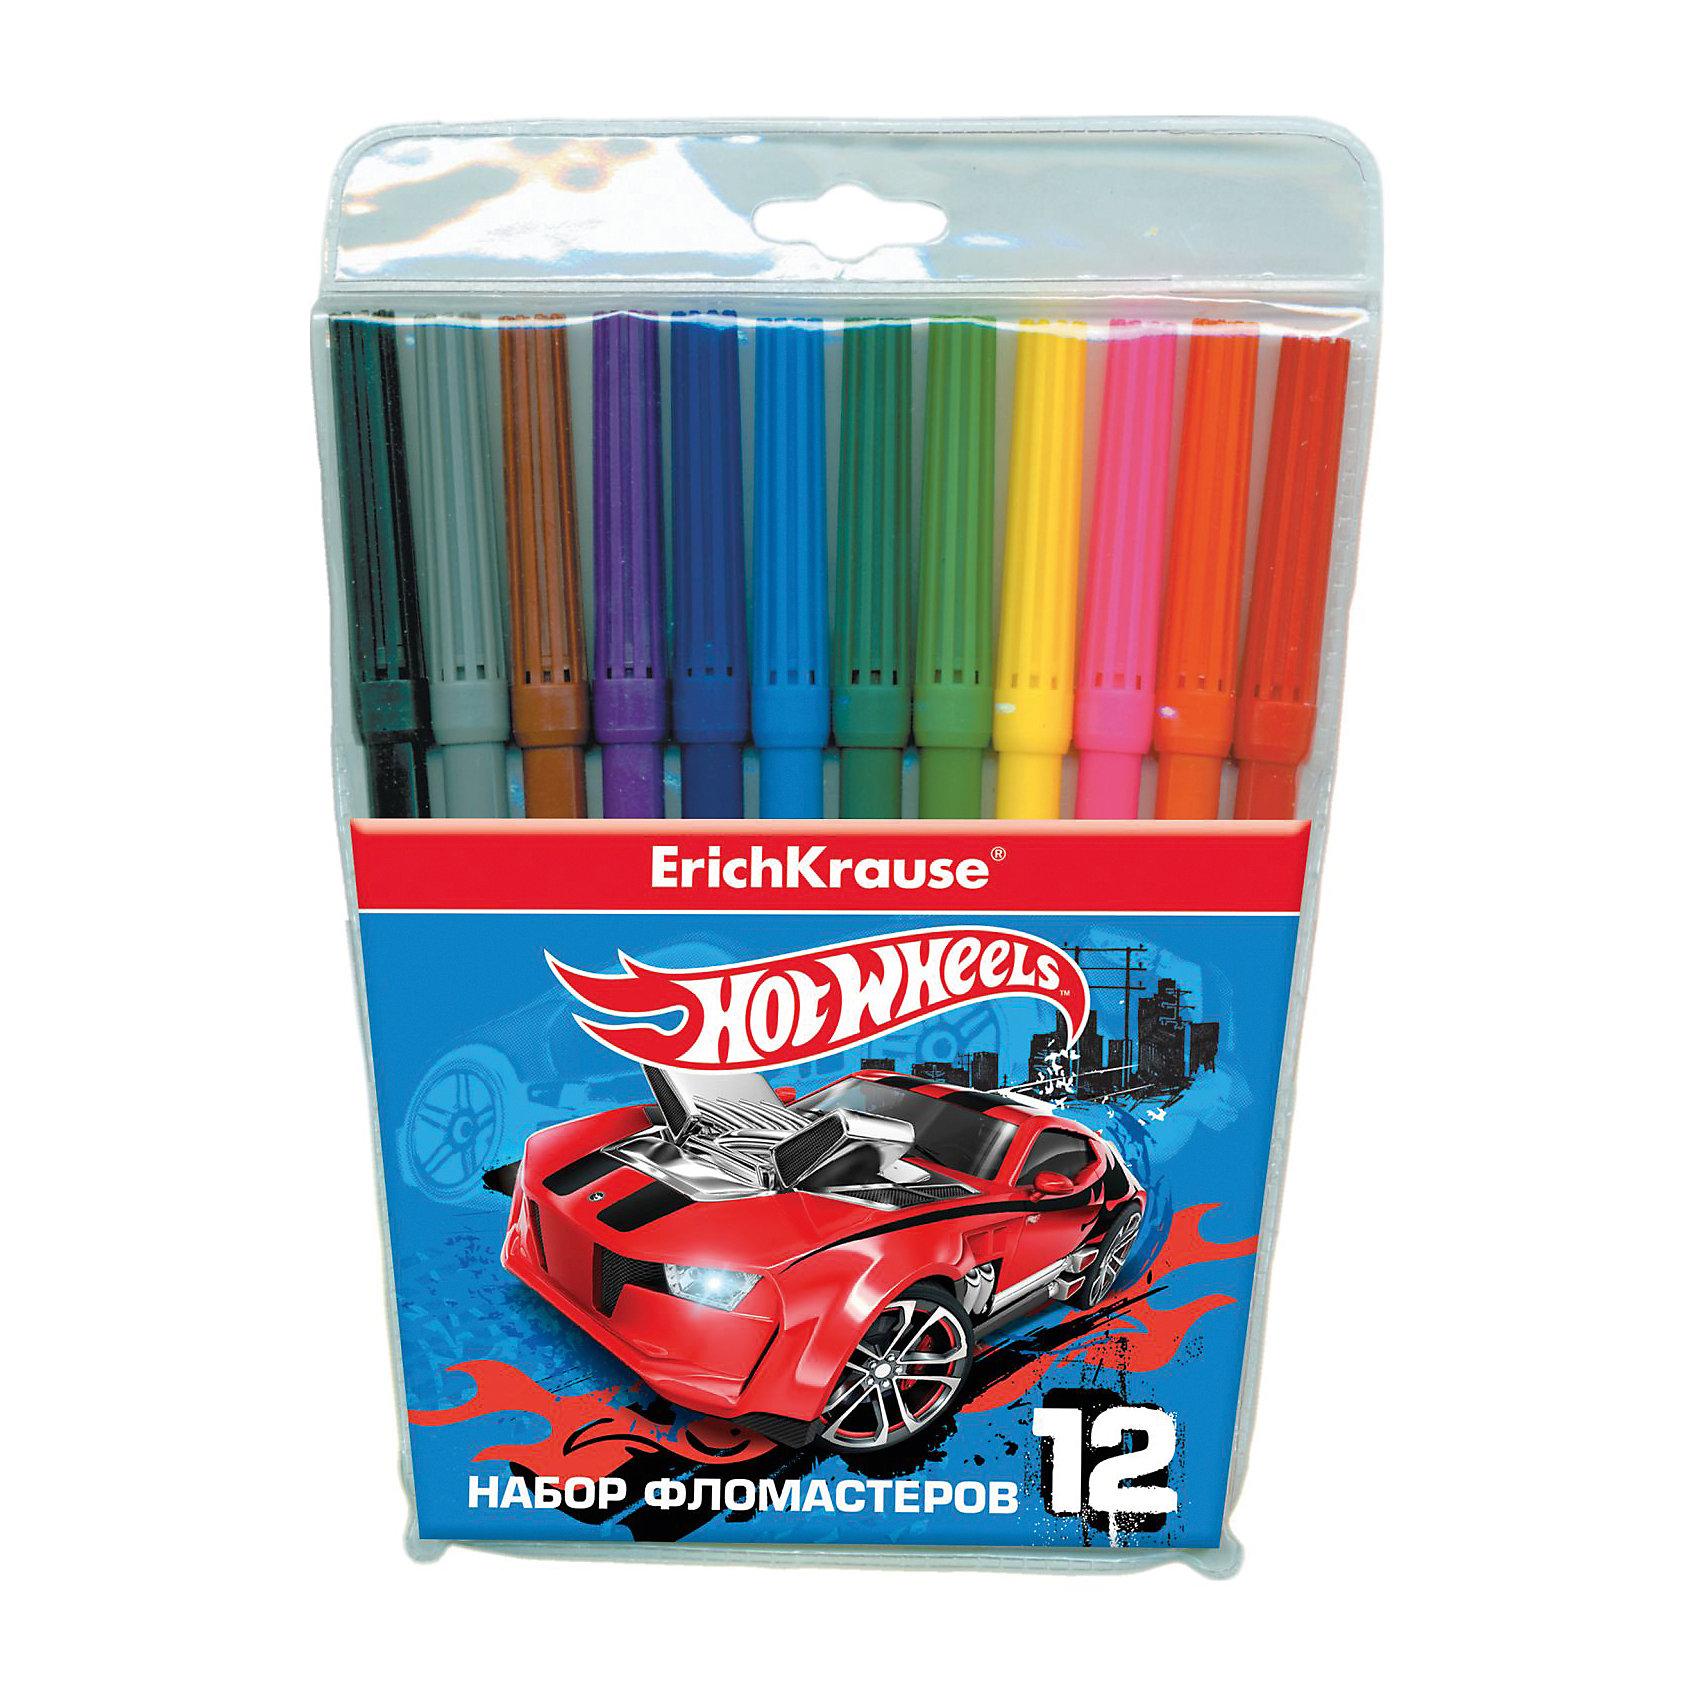 Фломастеры Hot Wheels Super Car, 12 цветовФломастеры<br>Характеристики товара:<br><br>• материал упаковки: пластик <br>• количество цветов: 12<br>• вентилируемый колпачок<br>• возраст: от 5 лет<br>• габариты упаковки: 13,5х18х1,2 см<br>• вес: 83 г<br>• страна производитель: Россия<br><br>Здоровое развитие ребенка невозможно без включения творческой программы в его дошкольное обучение. Рисование фломастерами – отличная возможность развить в малыше фантазию и нестандартное мышление. У фломастеров вентилируемый колпачок в целях безопасности.<br><br>Фломастеры Hot Wheels Super Car, 12 цветов, можно купить в нашем интернет-магазине.<br><br>Ширина мм: 135<br>Глубина мм: 180<br>Высота мм: 12<br>Вес г: 83<br>Возраст от месяцев: 36<br>Возраст до месяцев: 2147483647<br>Пол: Мужской<br>Возраст: Детский<br>SKU: 5409264